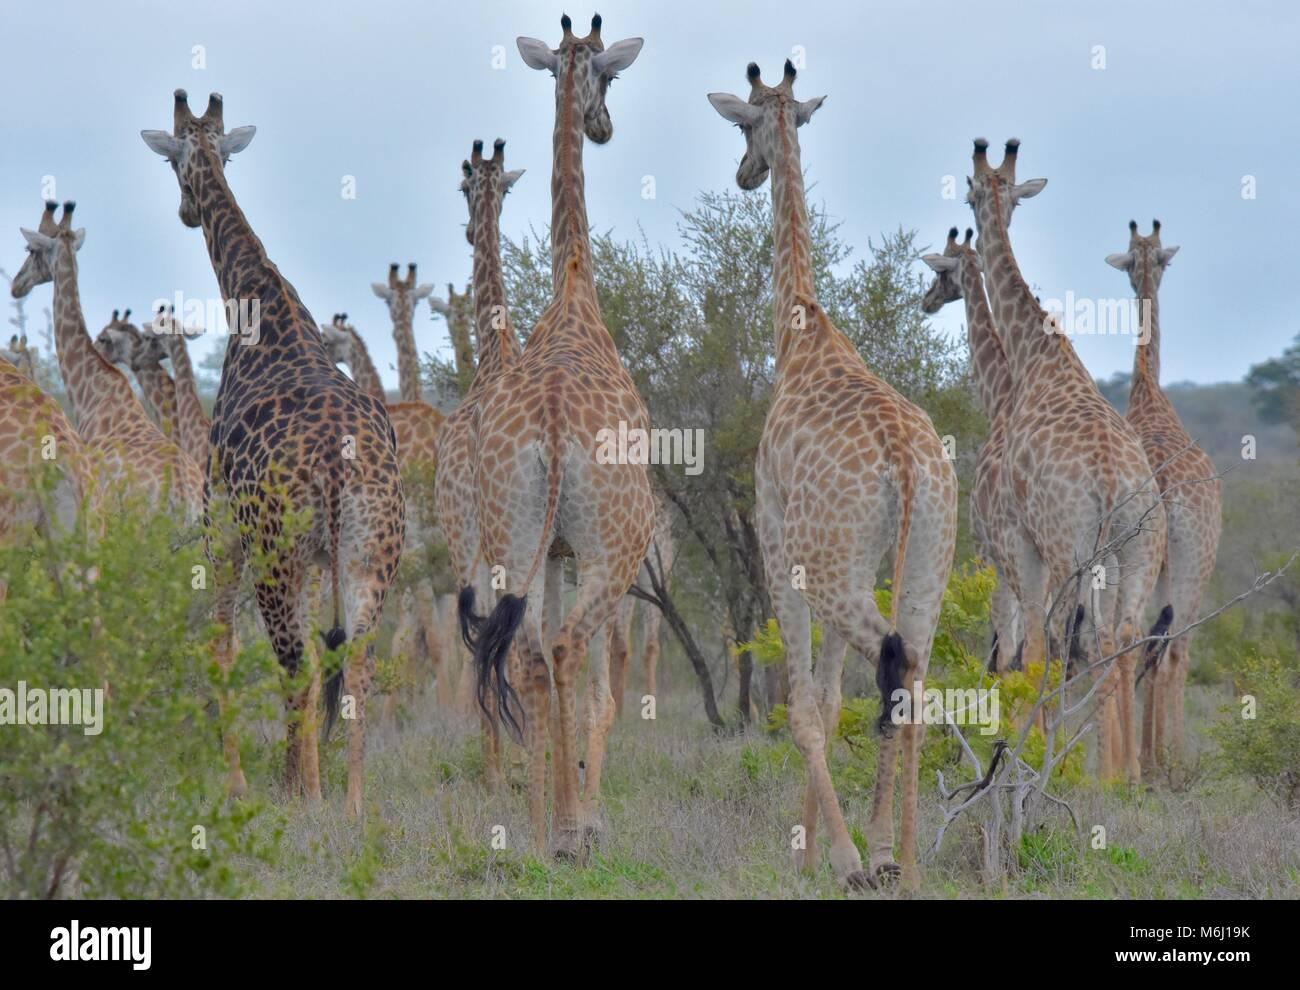 Il Kruger Park, Sud Africa. Una fauna selvatica e il paradiso degli uccelli. Allevamento di giraffe da dietro. Immagini Stock